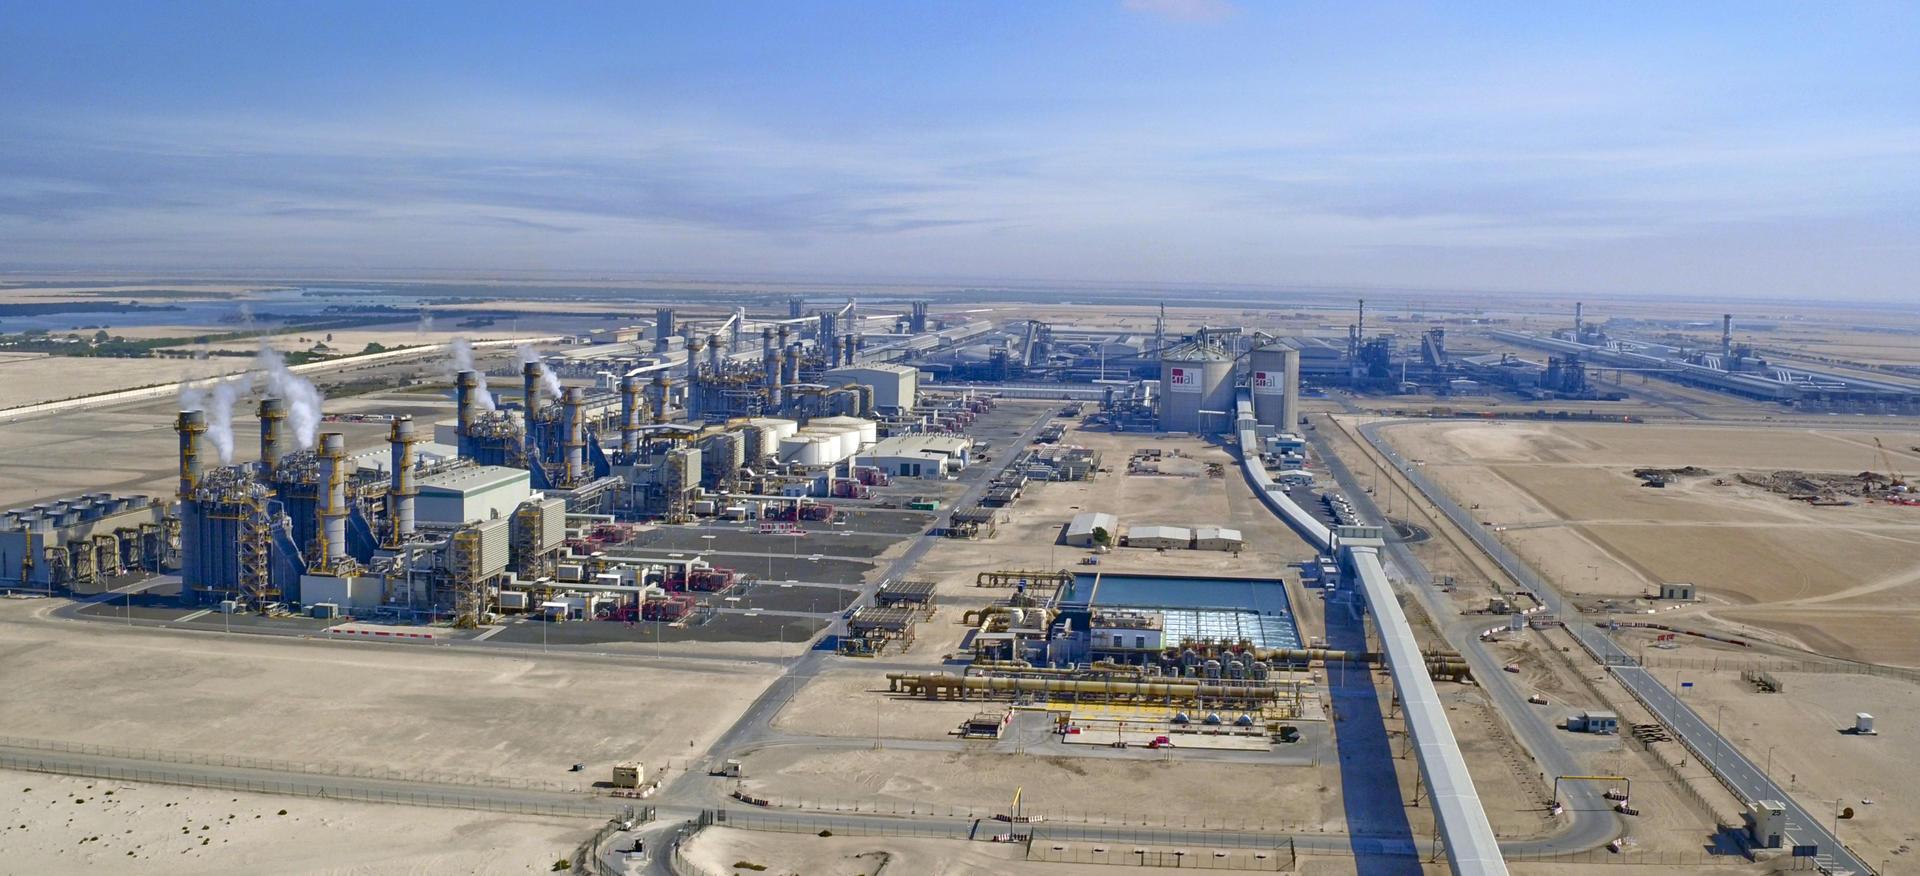 Aerial view of Al Taweelah. Copyright © Emirates Global Aluminium